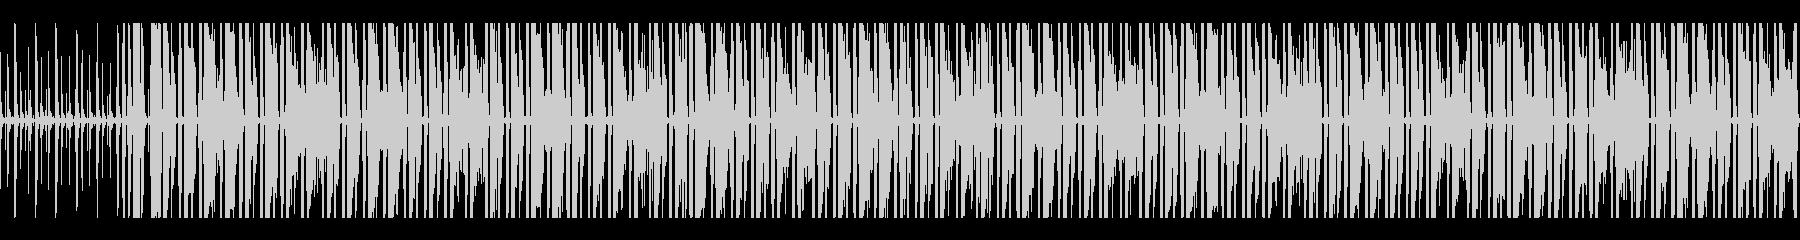 跳ねるリズムとメロディのオルガンポップスの未再生の波形